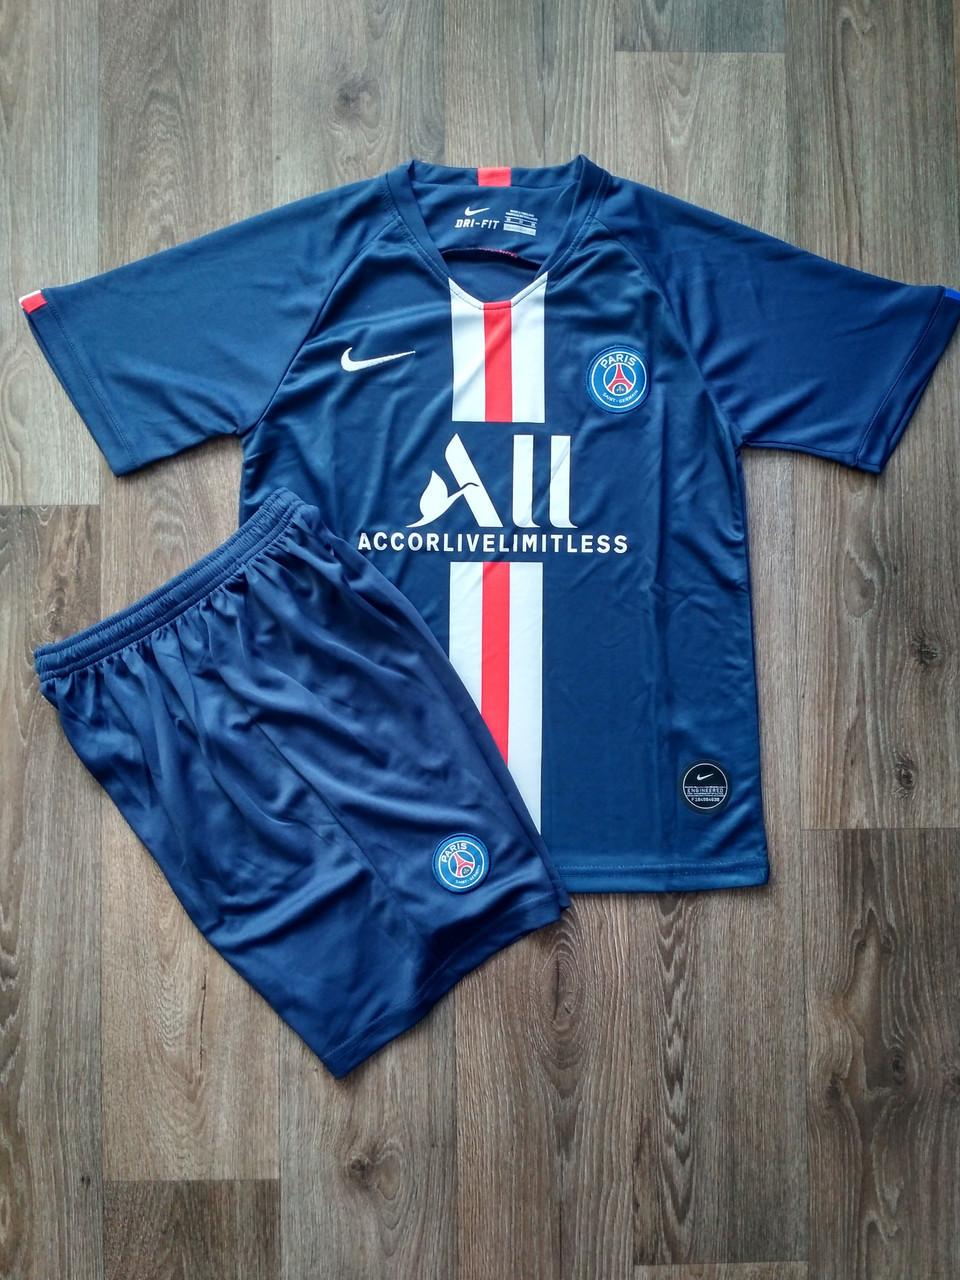 Детская футбольная форма ПСЖ/PSG ( Франция, Лига 1 ), домашняя, сезон 2019-2020 фанатская версия